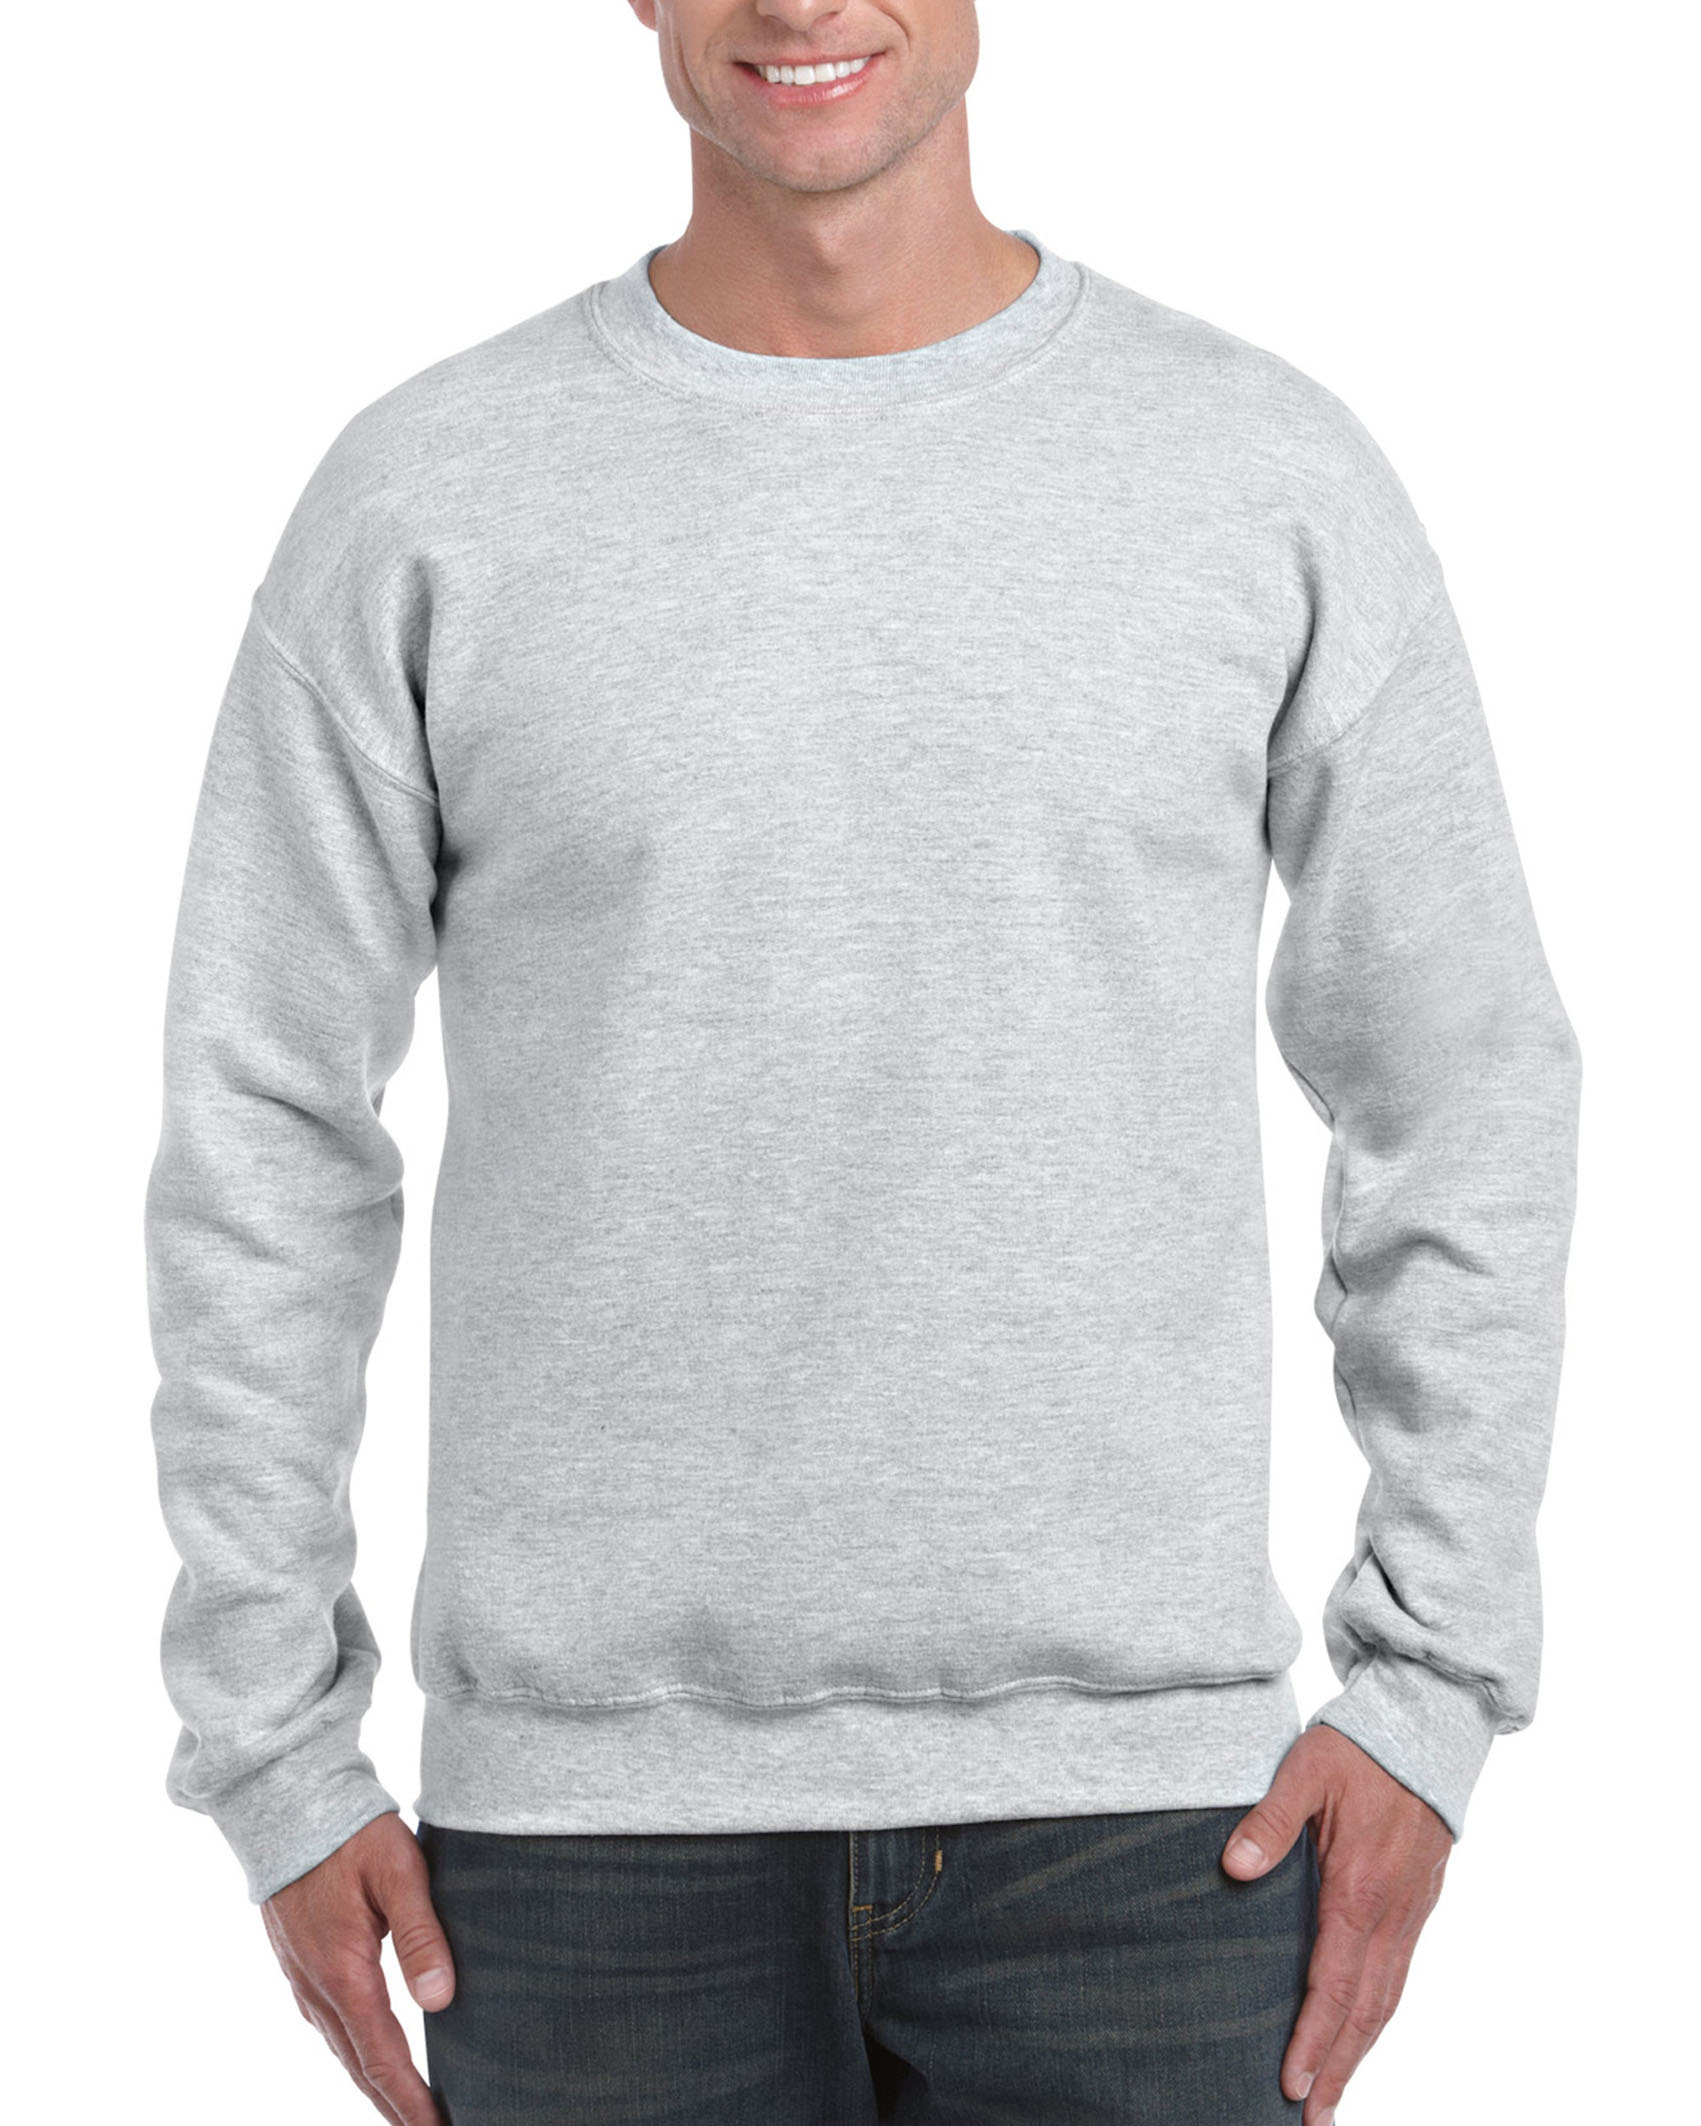 Gildan Sweater Crewneck DryBlend